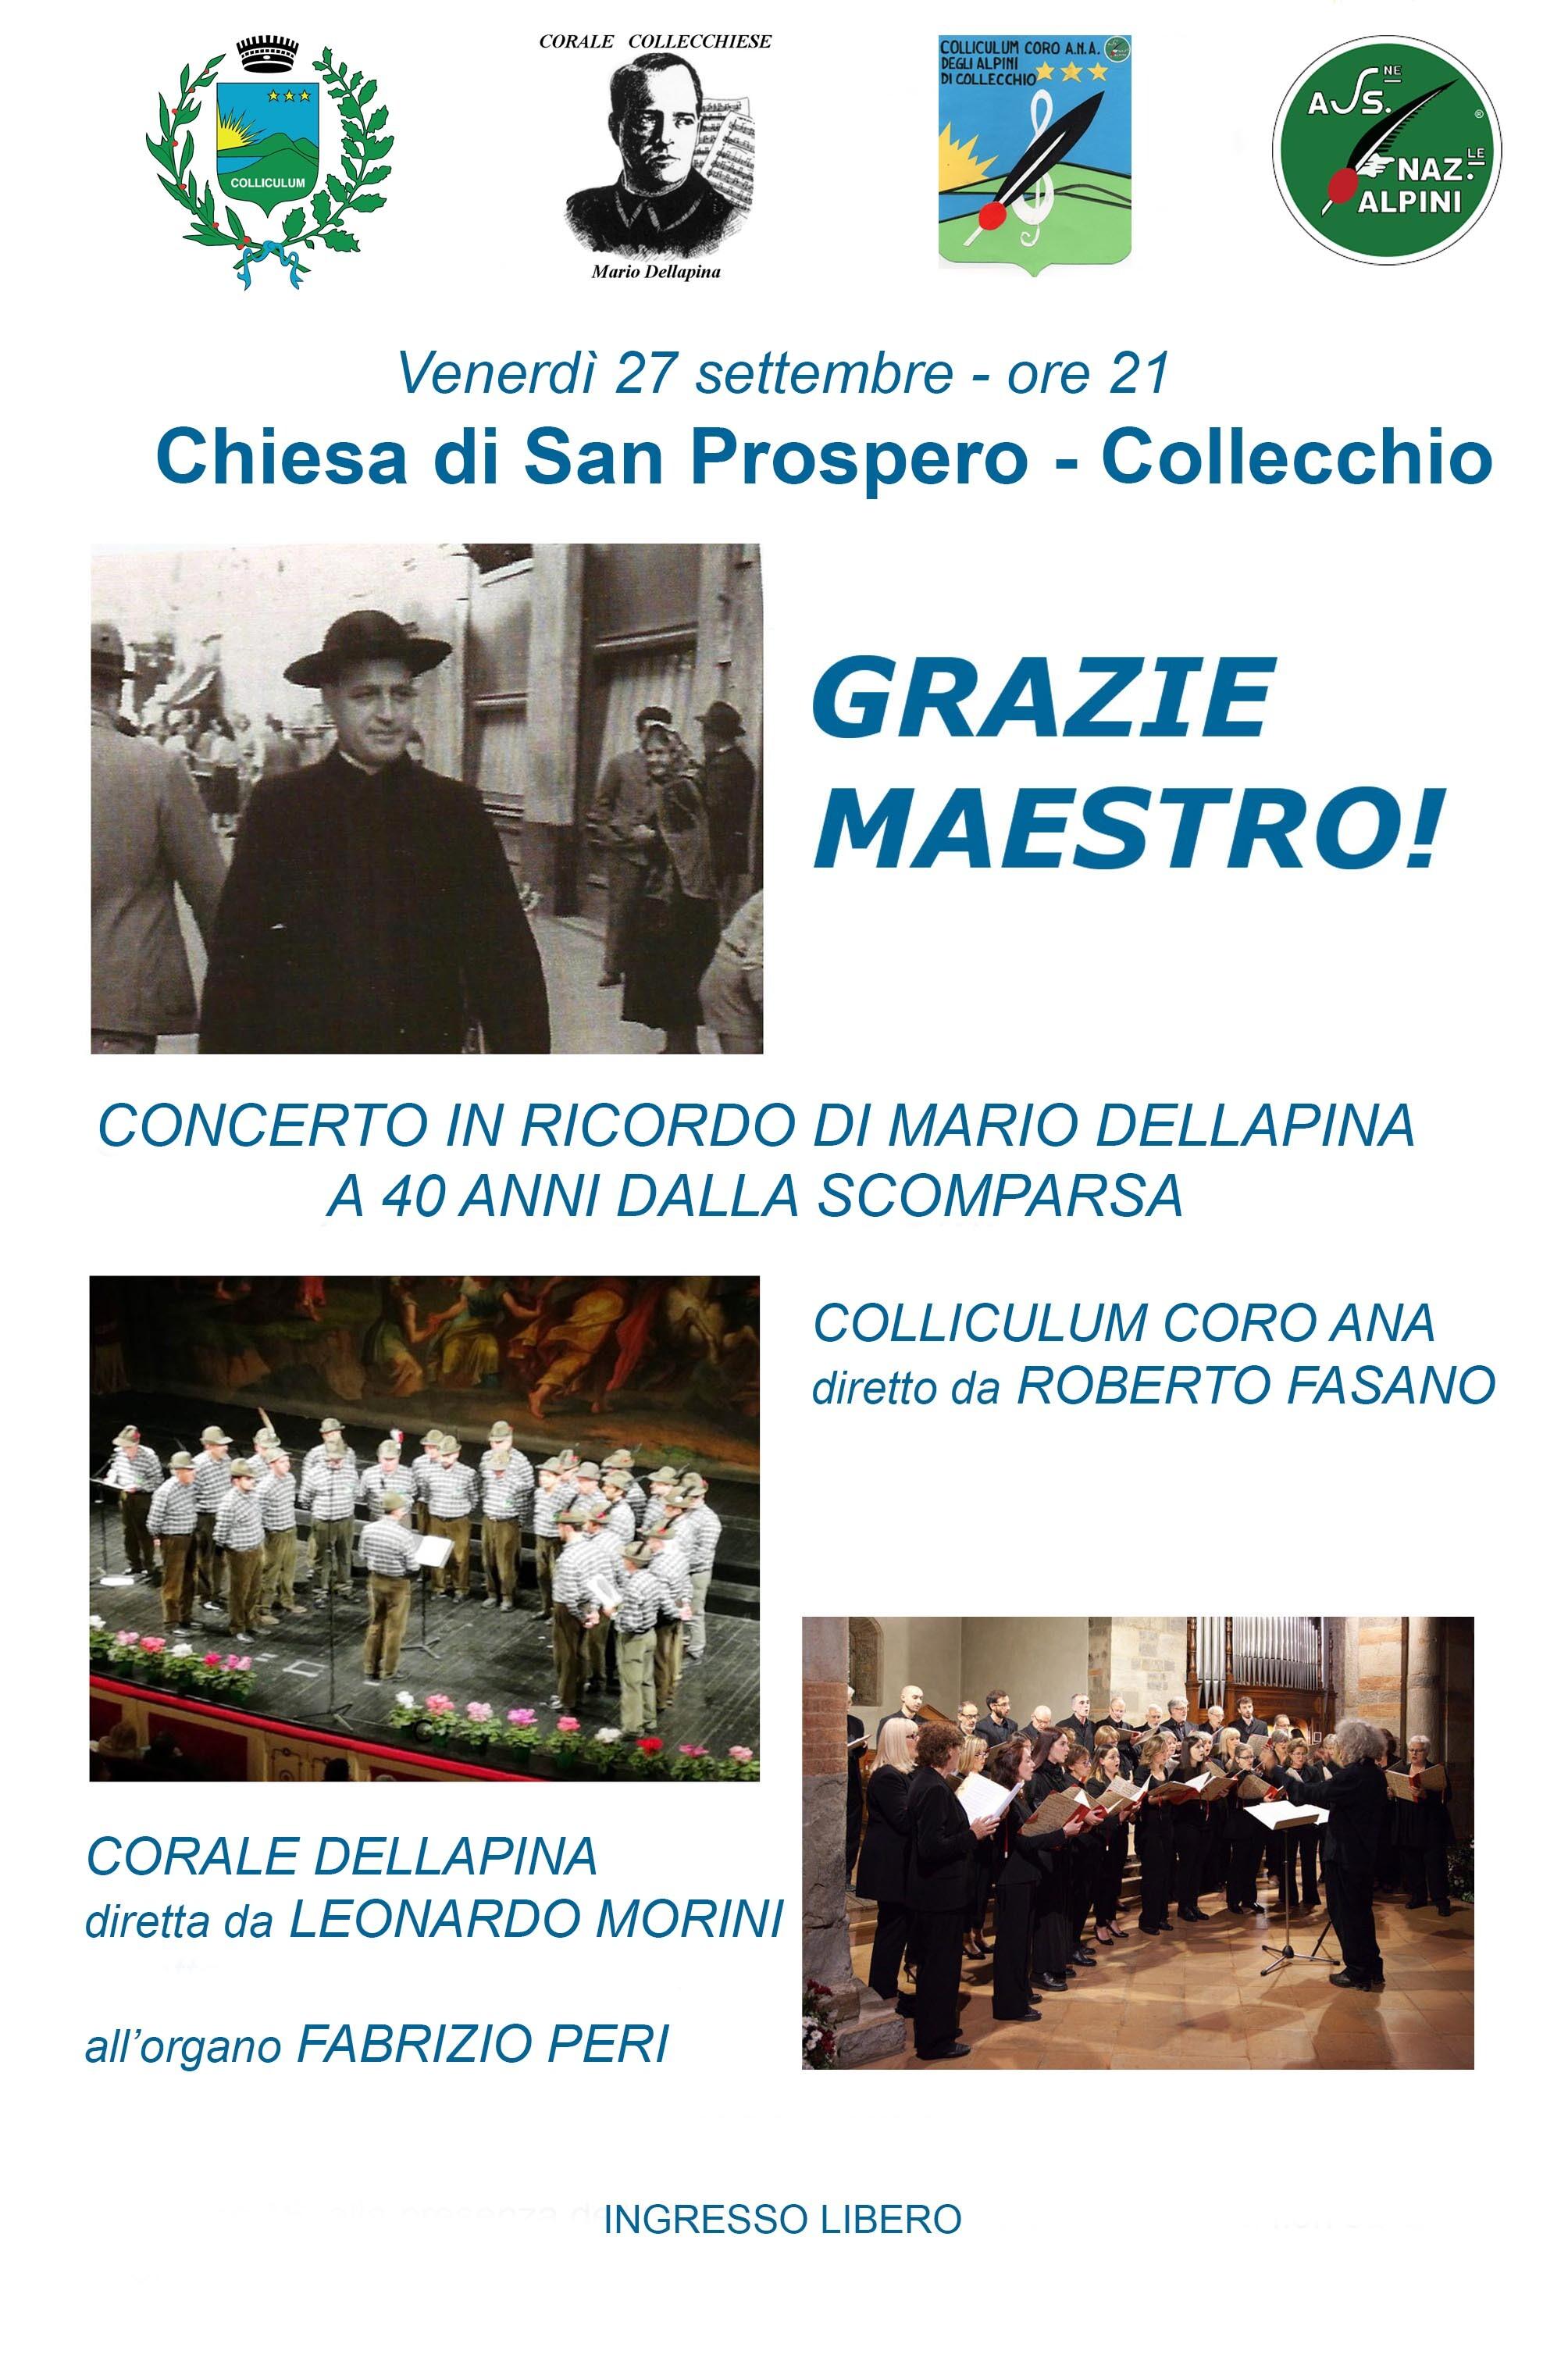 GRAZIE MAESTRO! Concerto in ricordo di Mario Dellapina